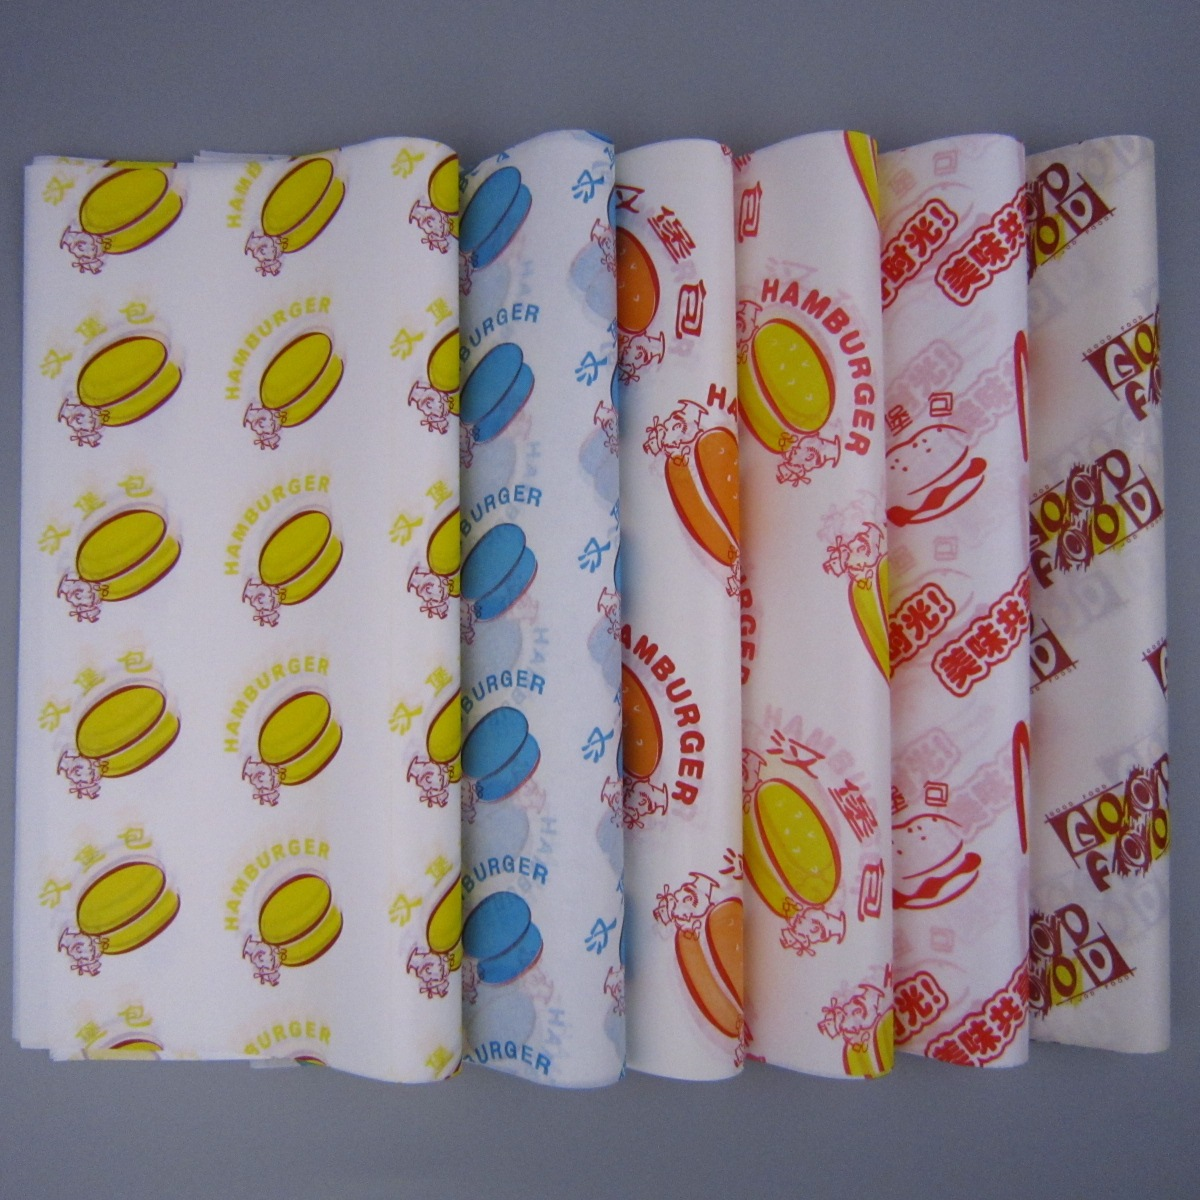 Бумага для гамбургера Бумага для бумажных мешков Бумажный мешок с маслом пакет Загрузка 900 листов